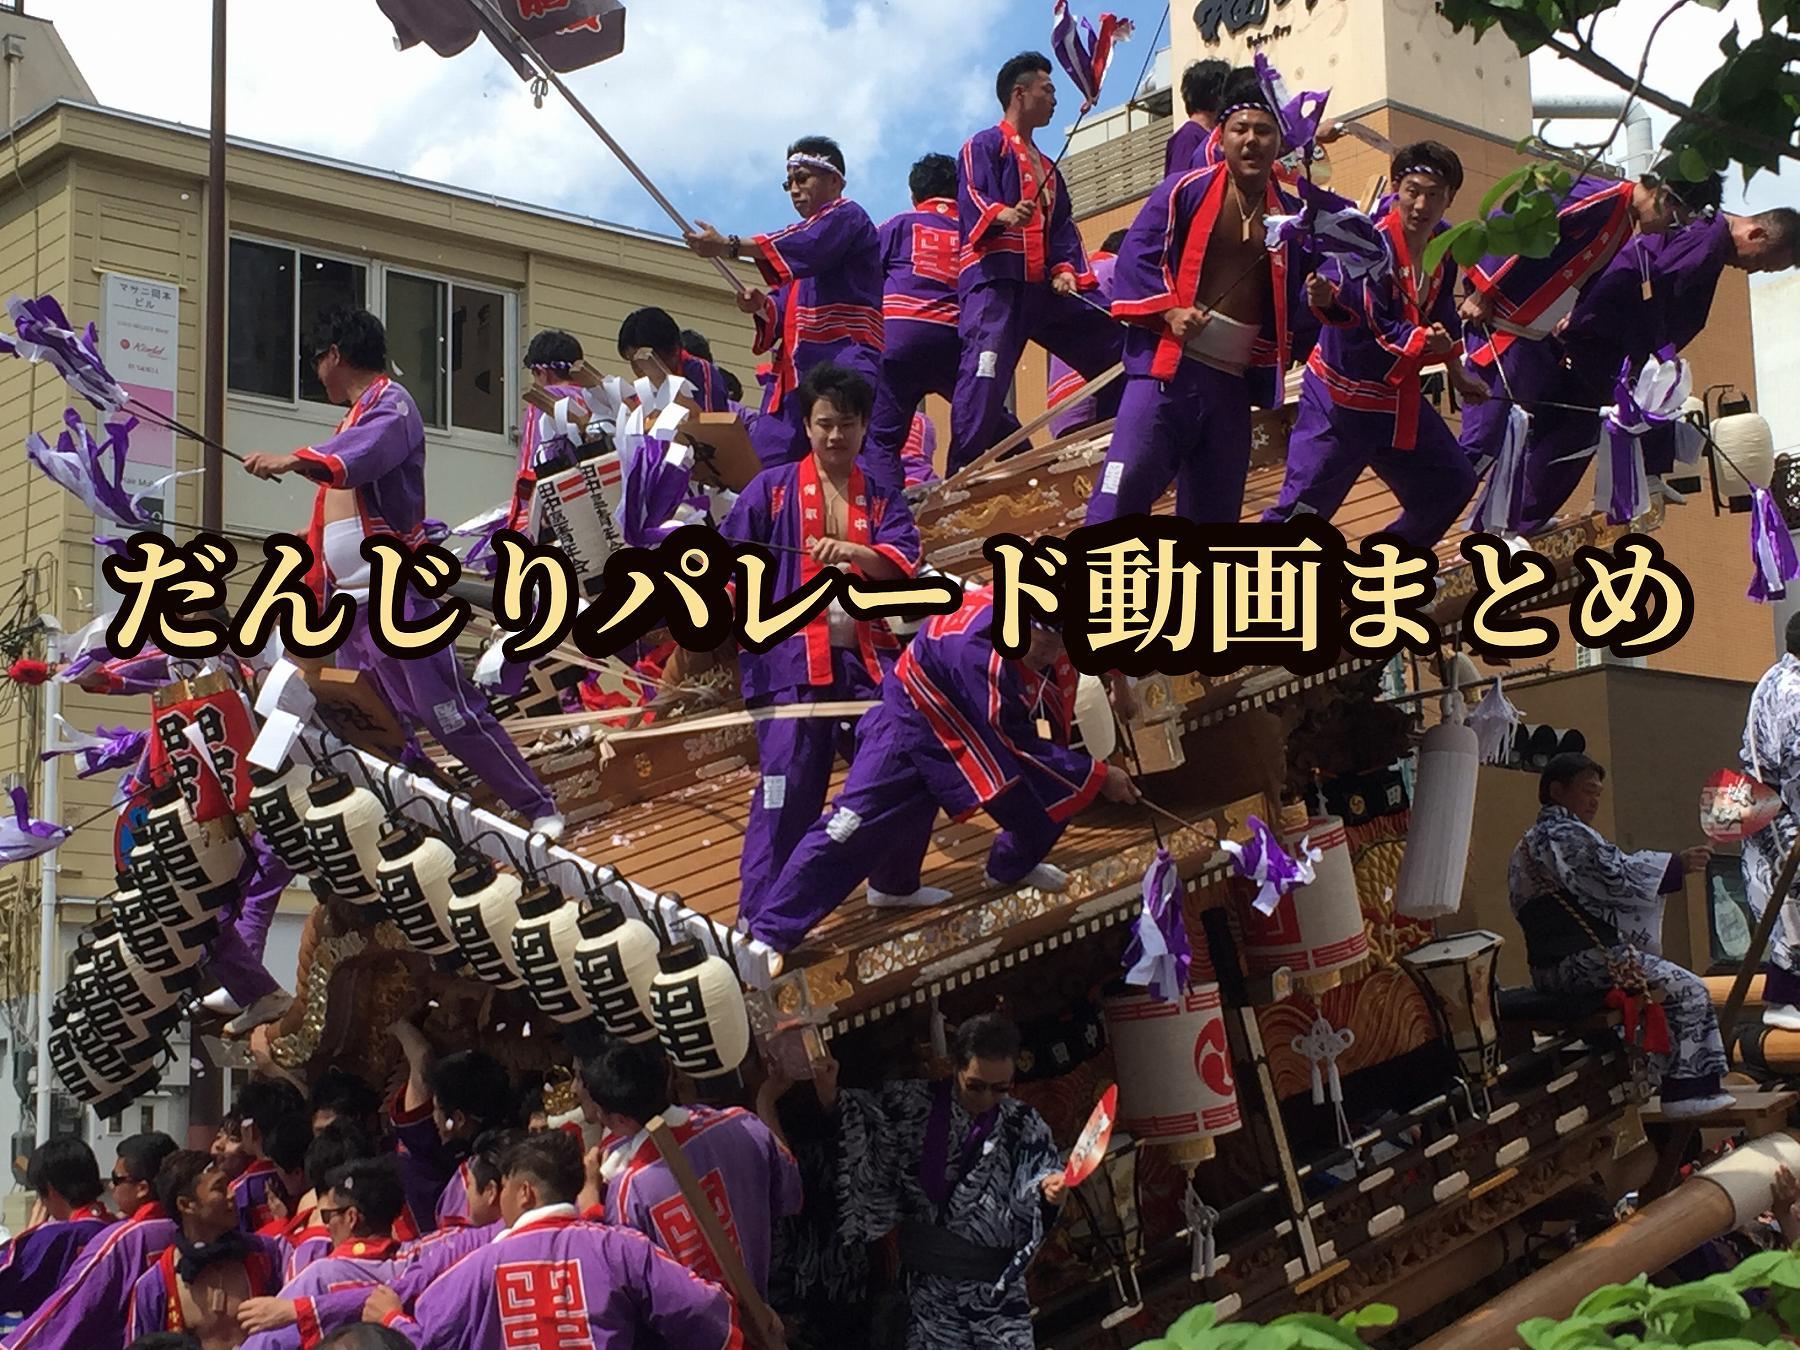 【※だんじり動画】本山・御影地区の「だんじりパレード2017」動画一覧まとめ #東灘だんじり #だんじりパレード動画